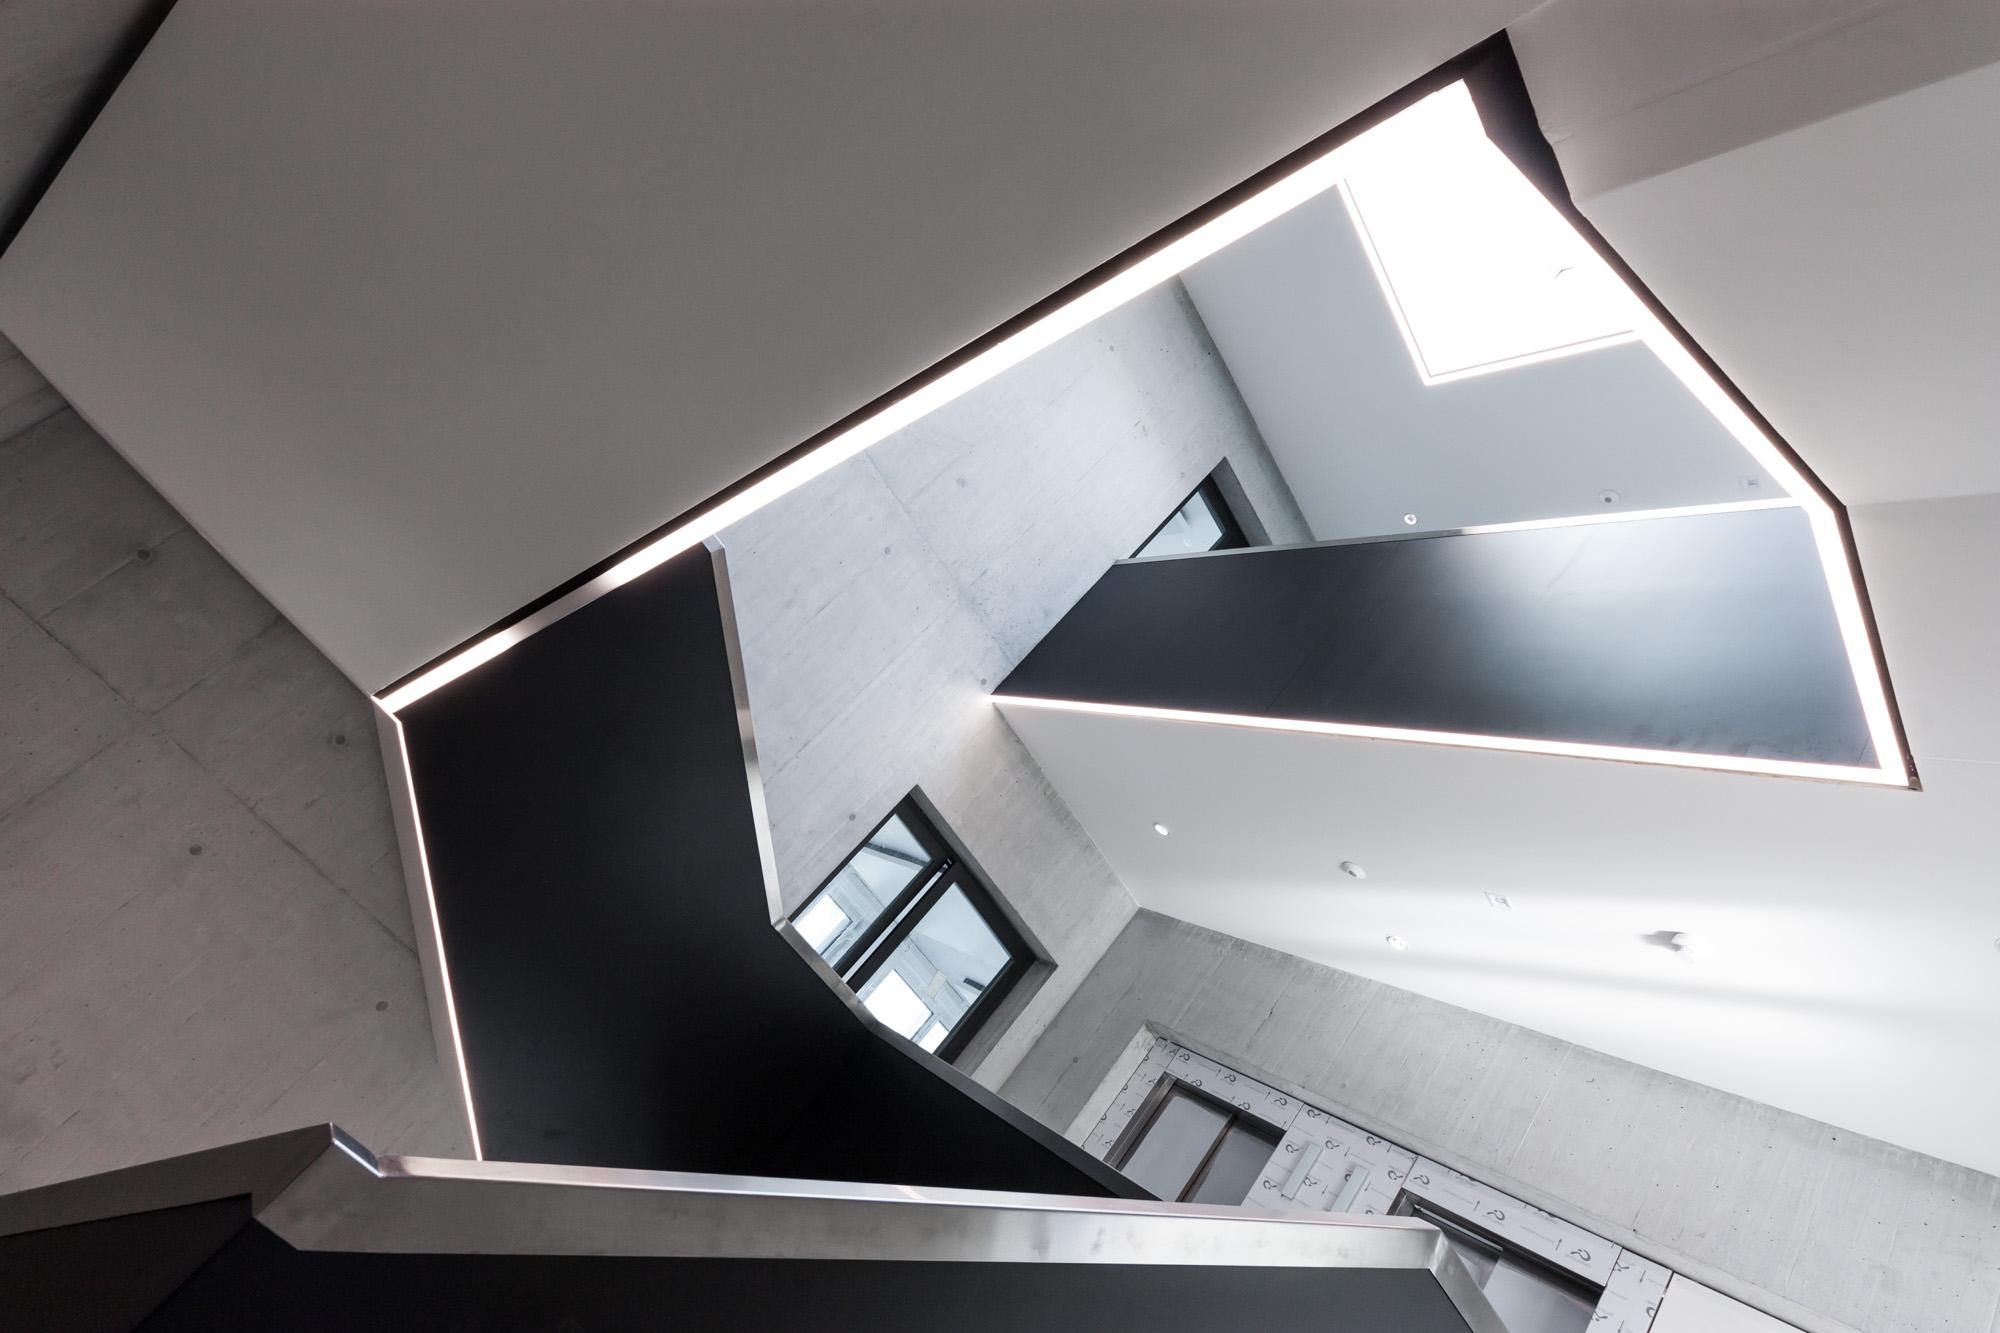 Die MerzGips AG hat beim grossen Umbau des Carba Centers in Bern Gipserarbeiten im Inneren des Gebäudes durchgeführt. Entstanden sind moderne, urbane Mischzonen-Räume.